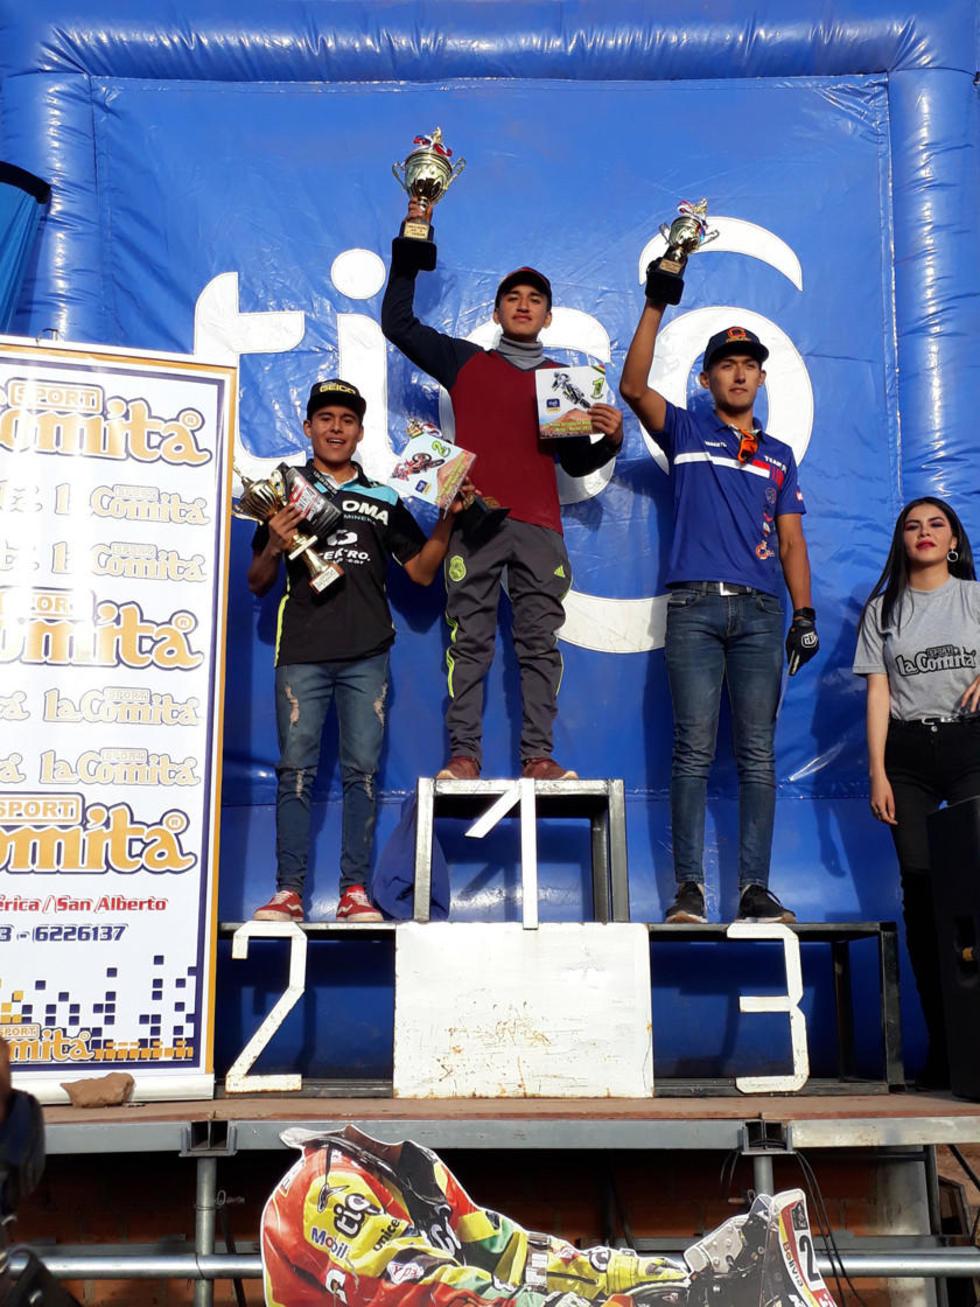 Daniel Casillas, Marco Rocha y Roberto Callejas en el podio de la MX-2.